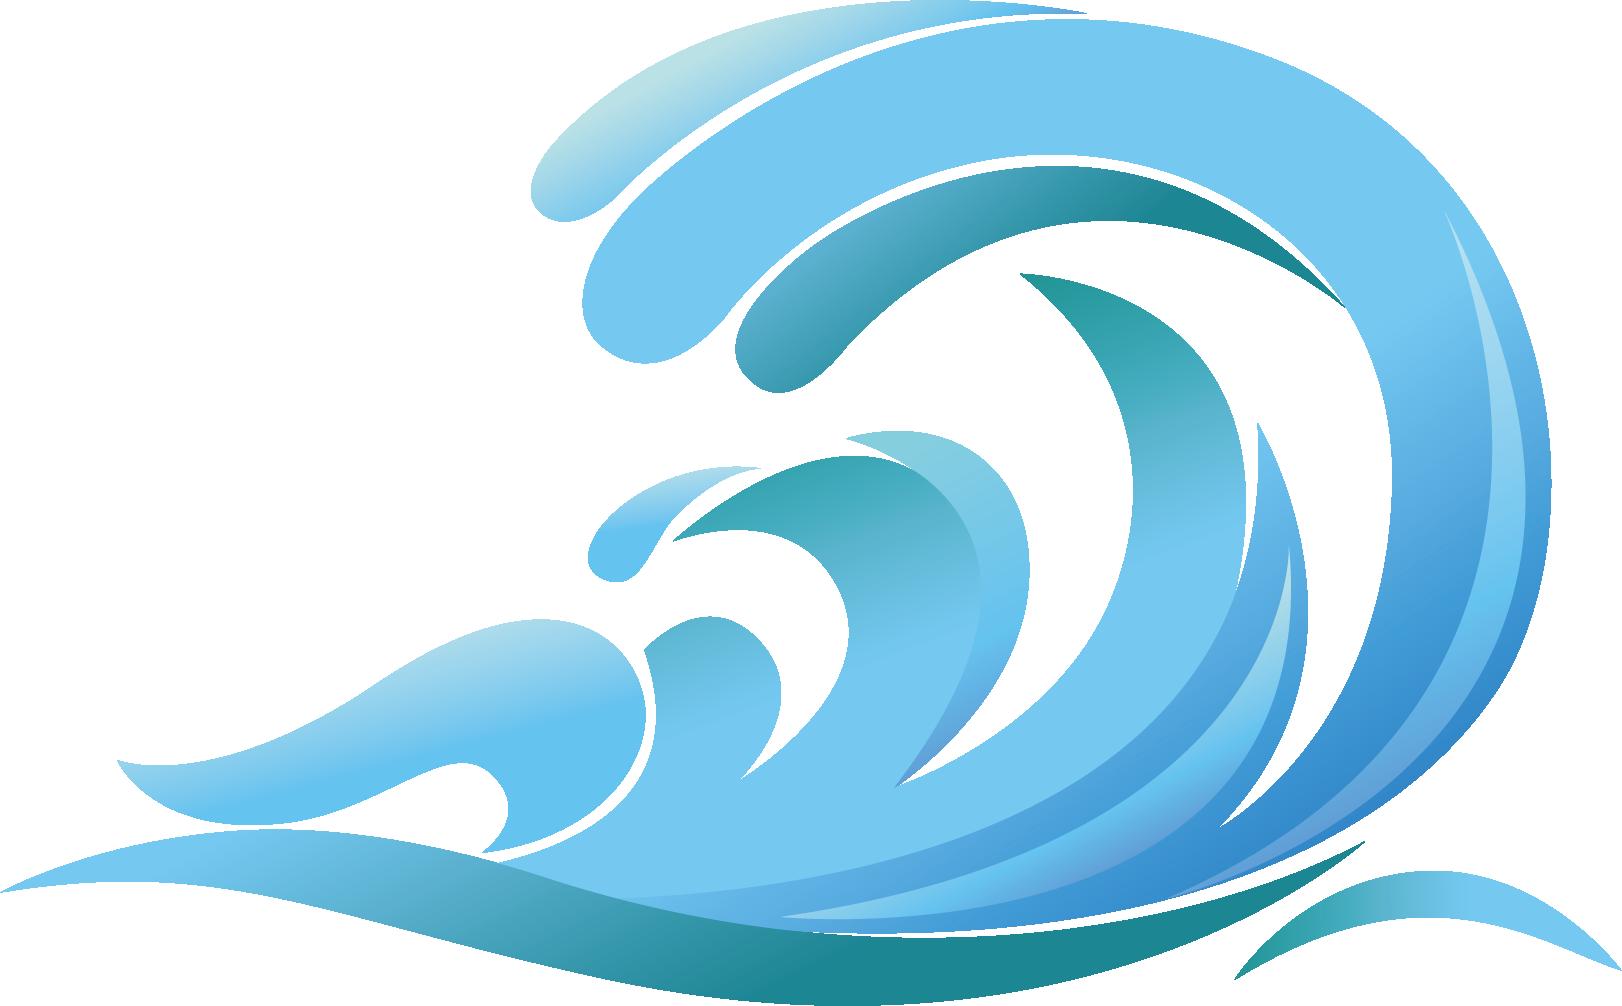 Water clipart aqua. Splash drop clip art